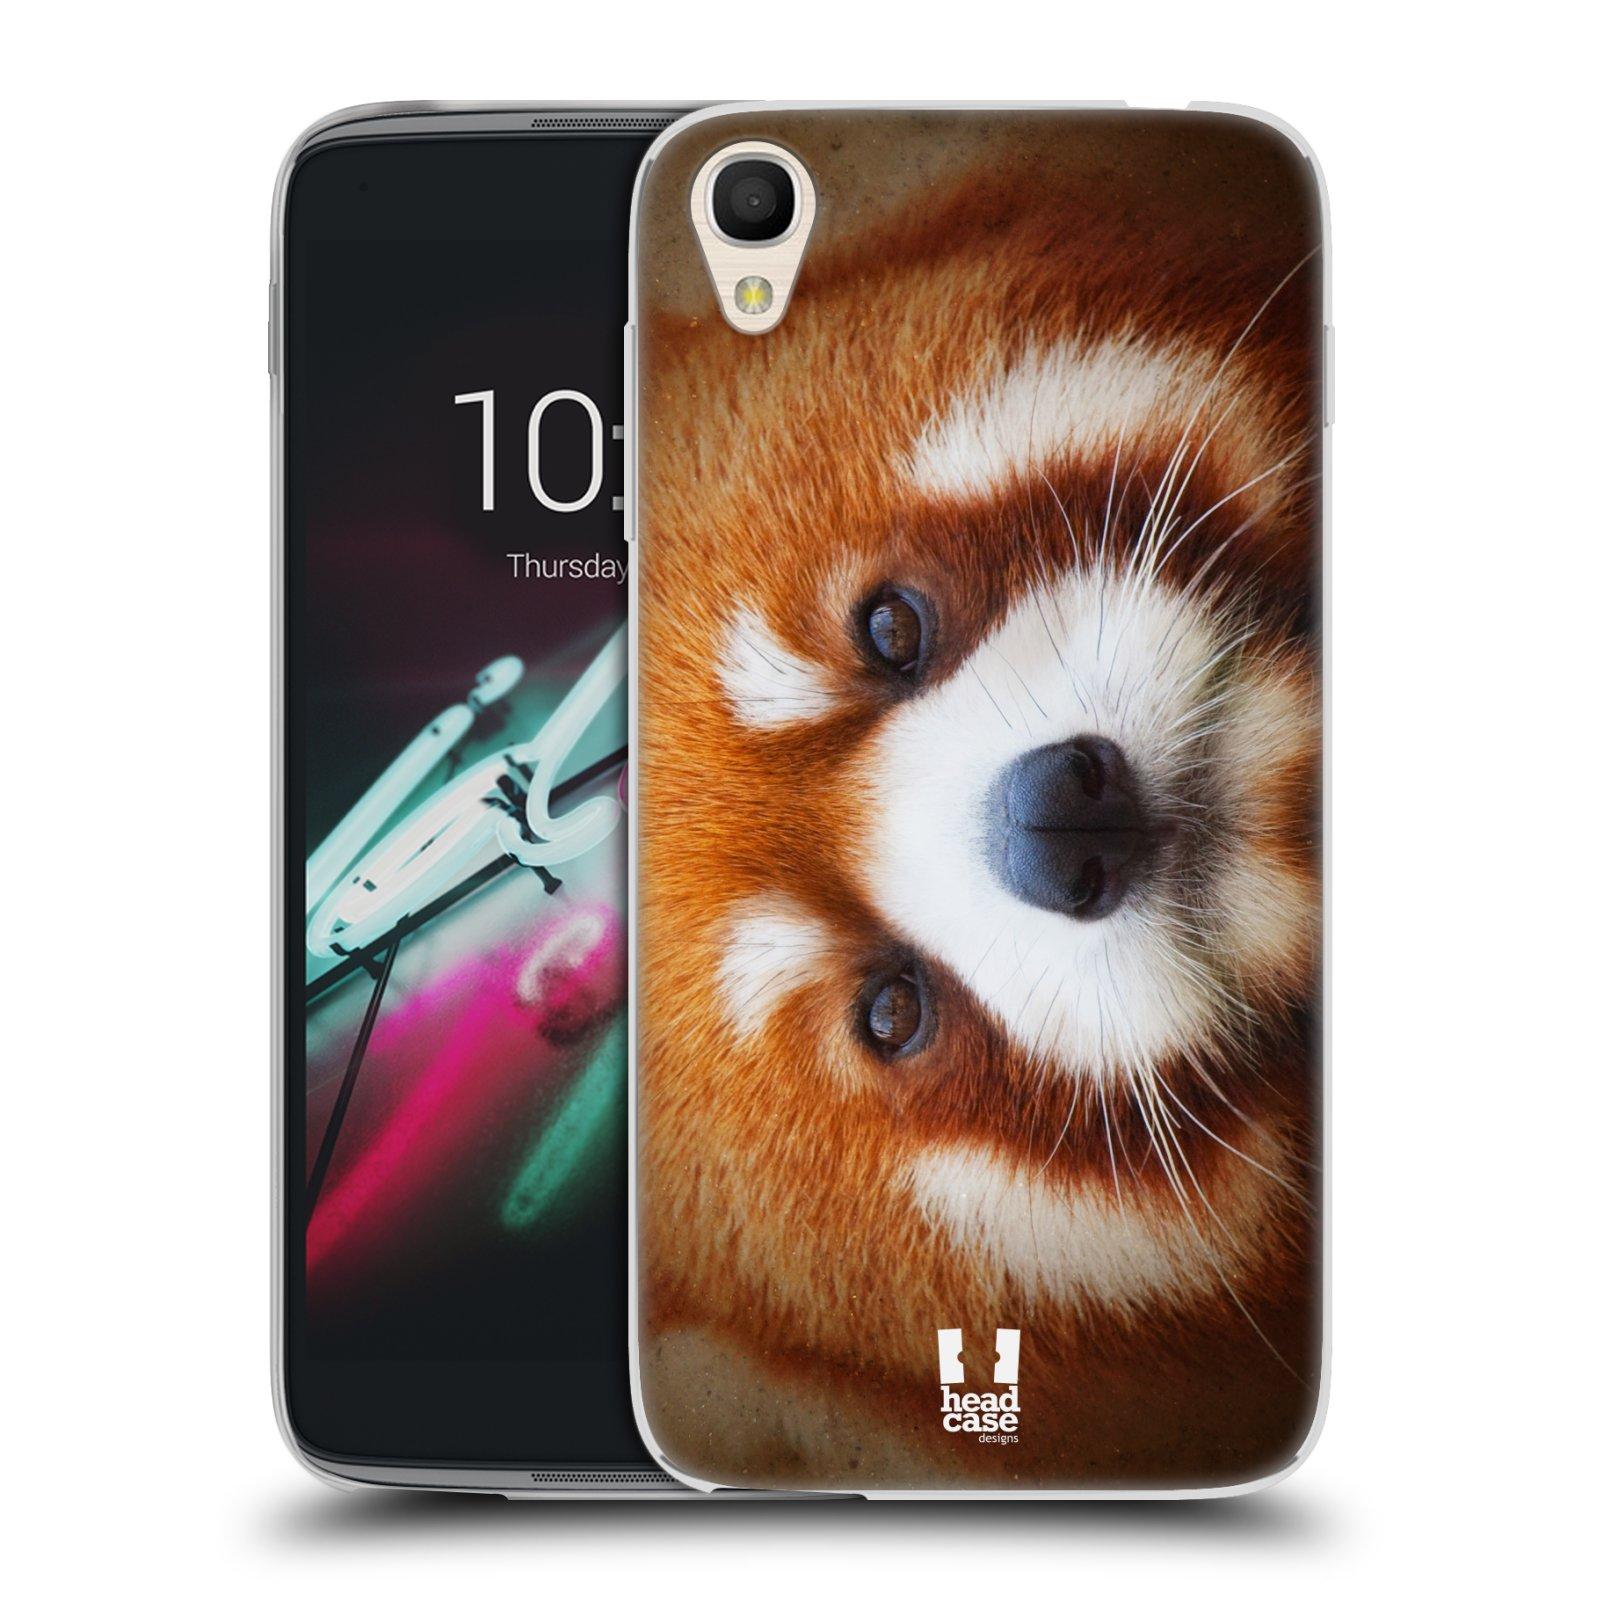 HEAD CASE silikonový obal na mobil Alcatel Idol 3 OT-6039Y (4.7) vzor Zvířecí tváře 2 medvěd panda rudá